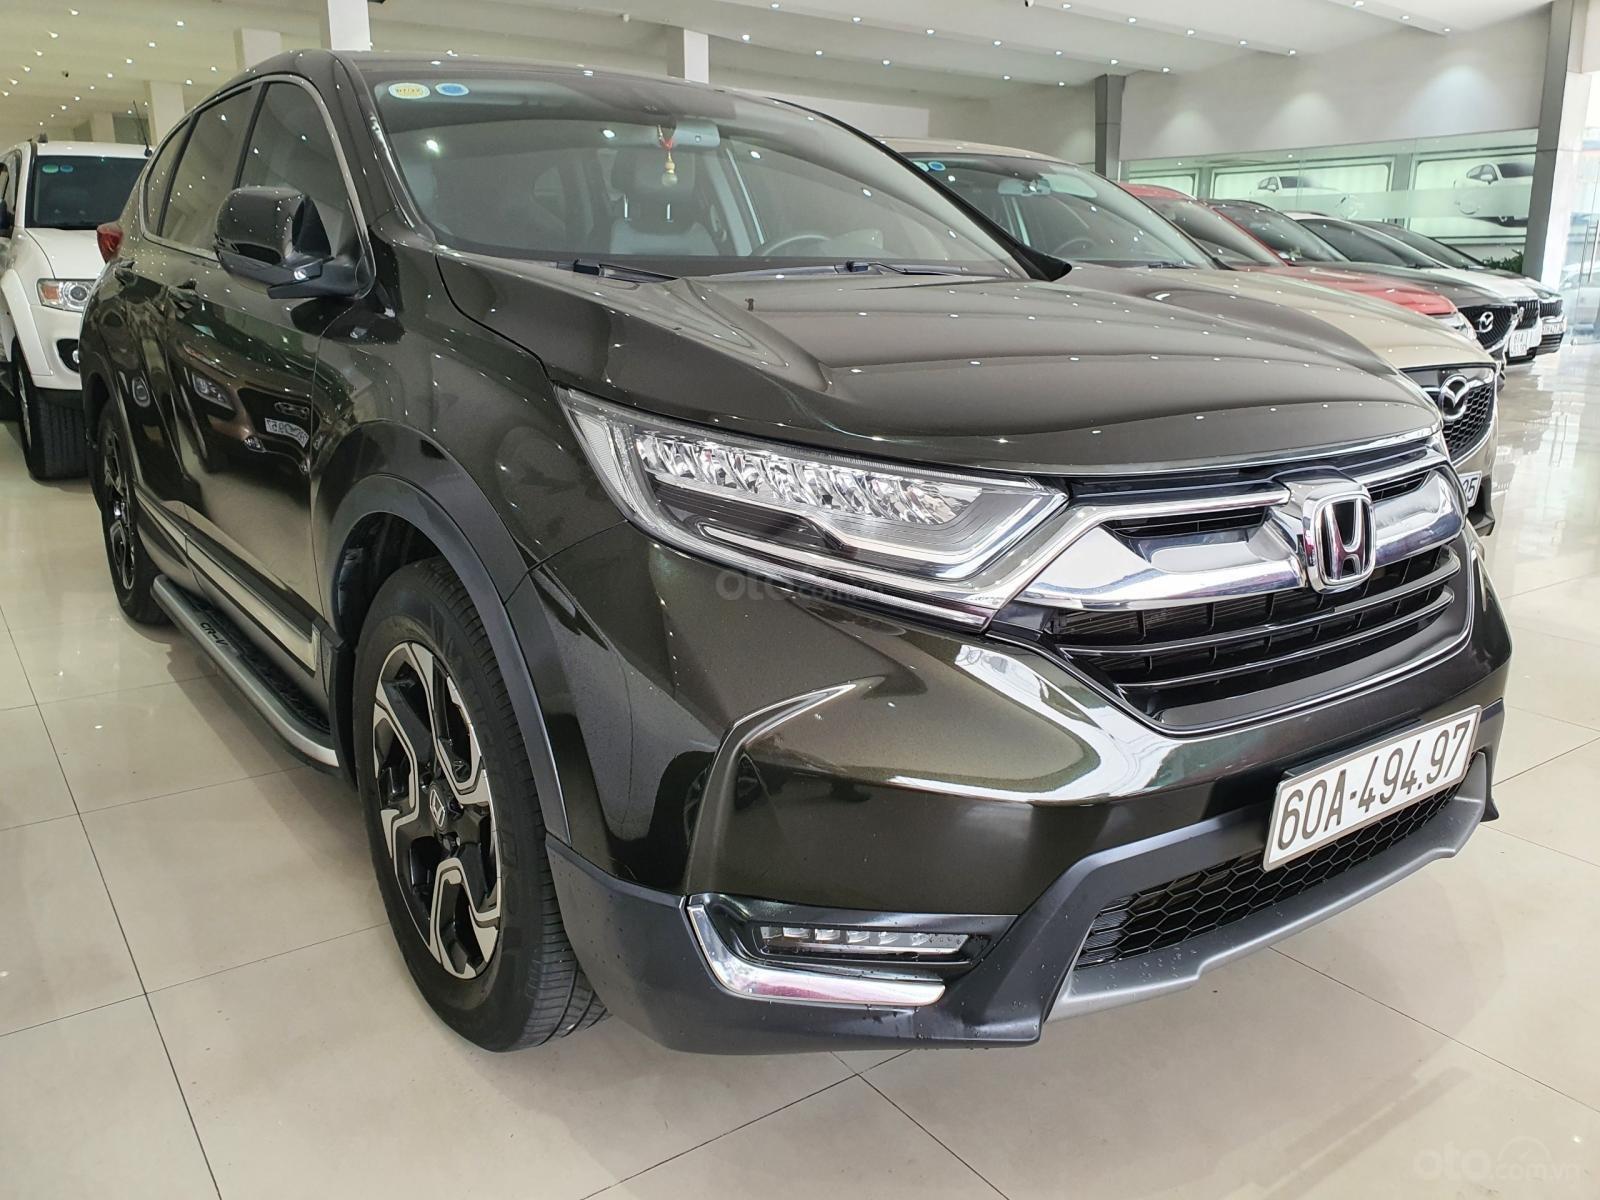 Bán xe Honda CR V sản xuất 2018, giá chỉ 960 triệu, xe siêu đẹp (2)